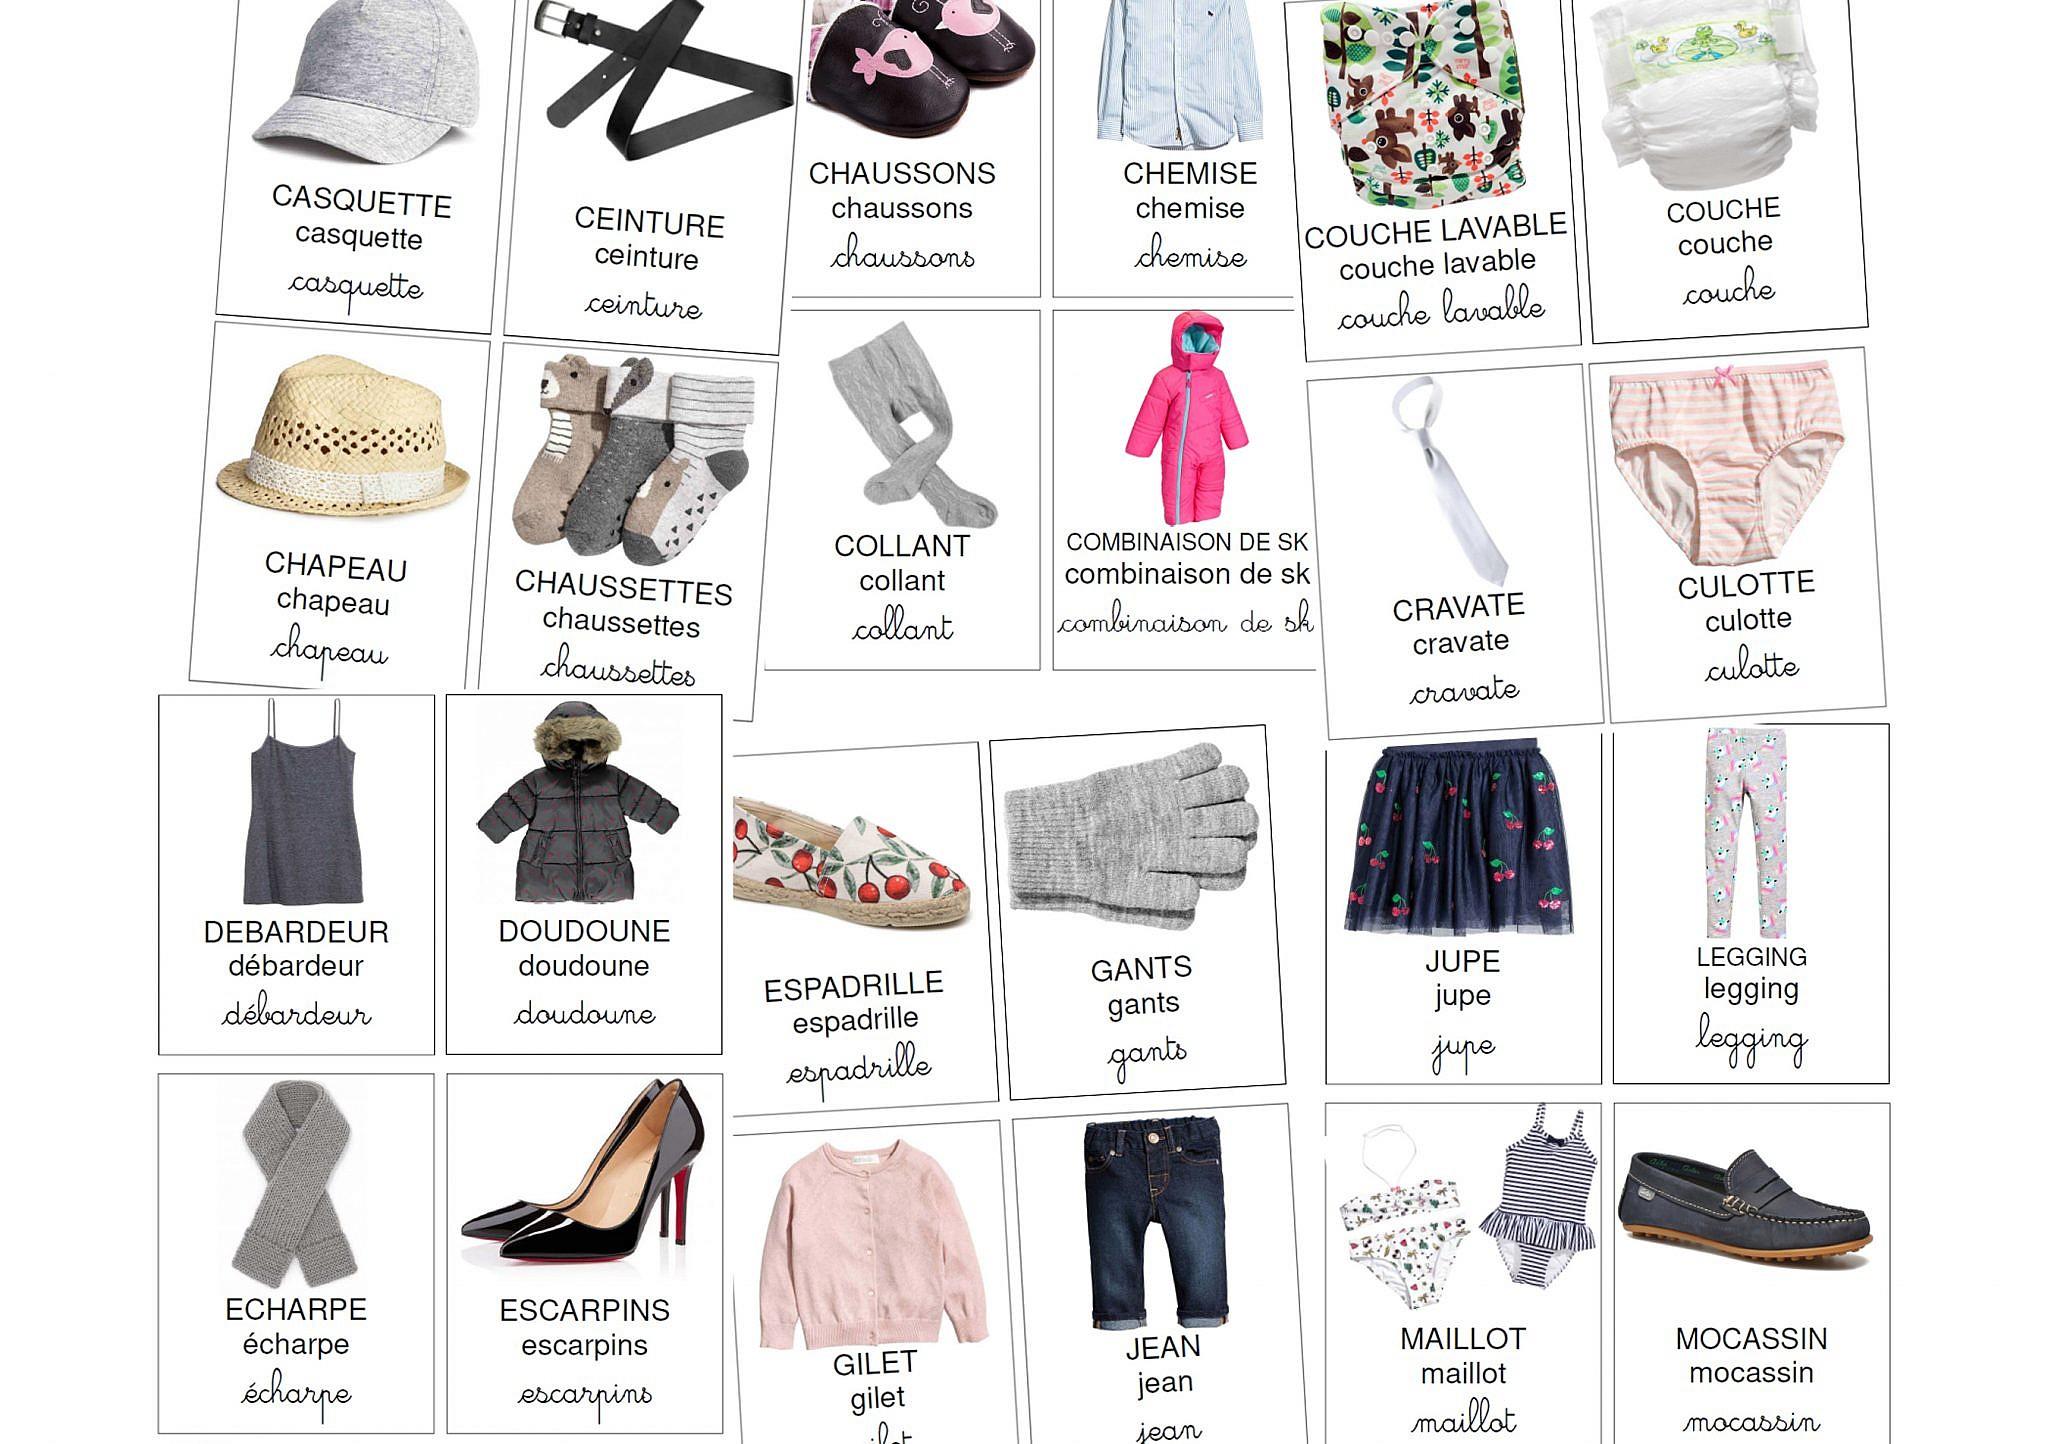 cartes de nomenclature des vêtements à télécharger - Milestory af4a2339f324